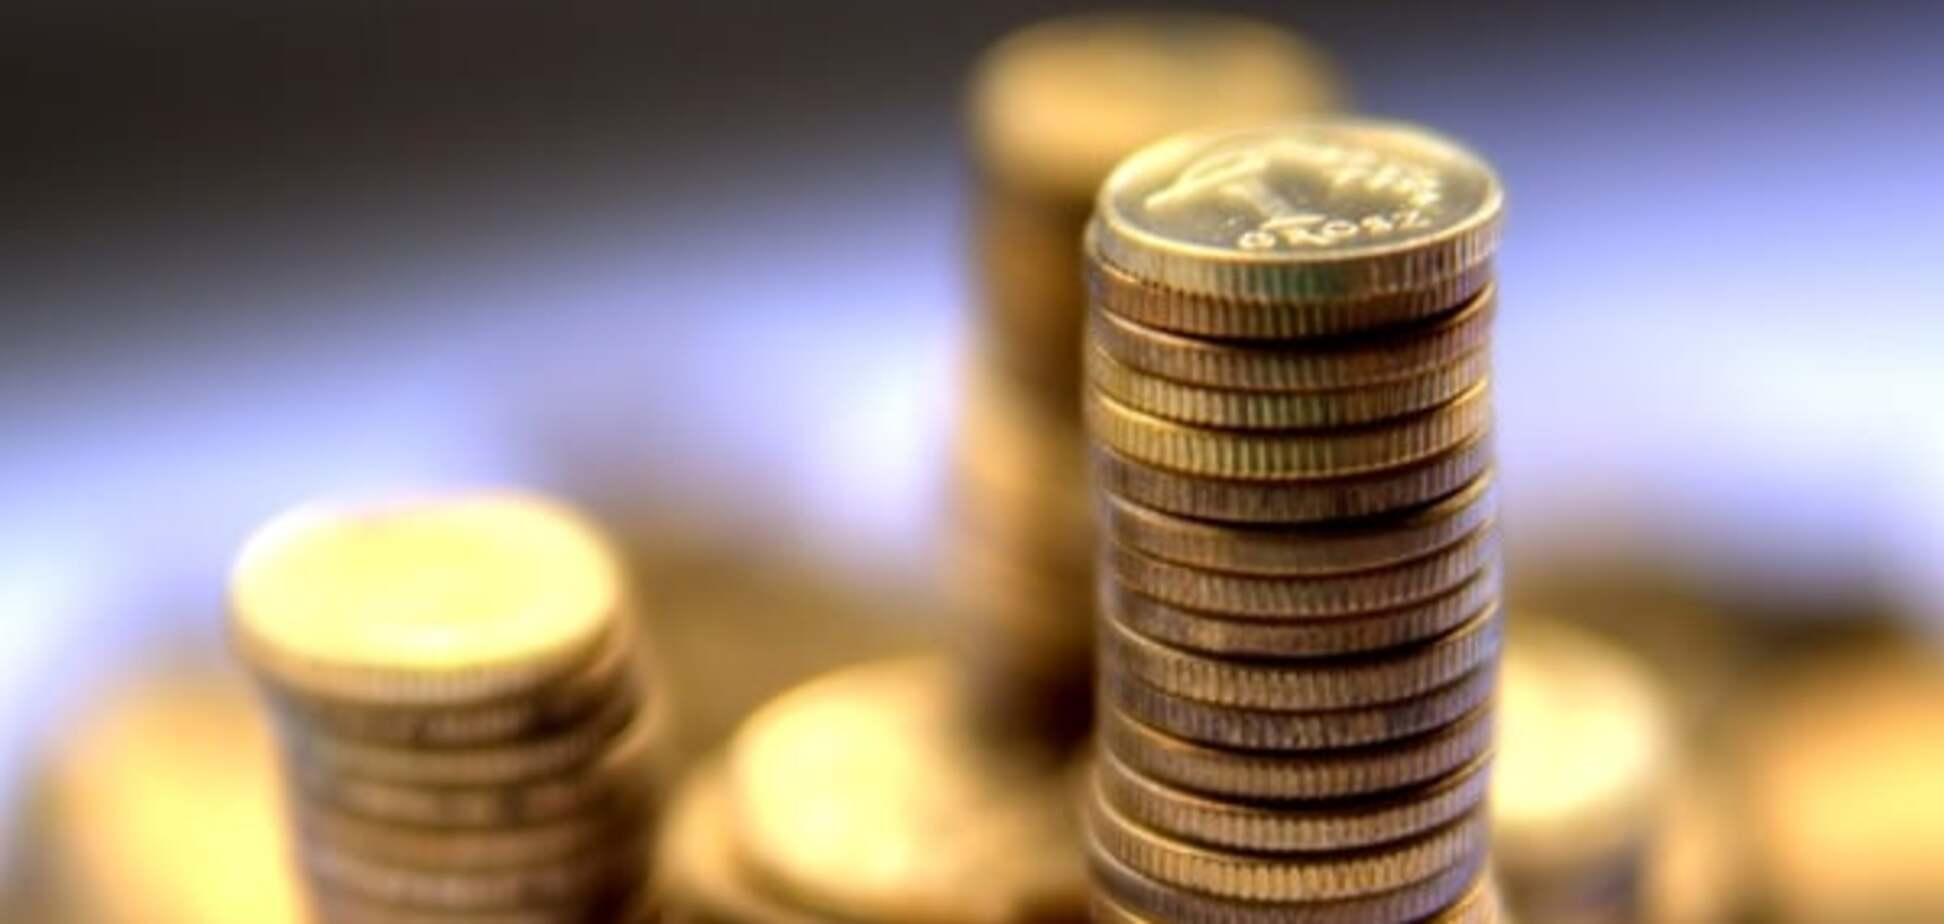 Экономист объяснил выгоду от девальвации гривни